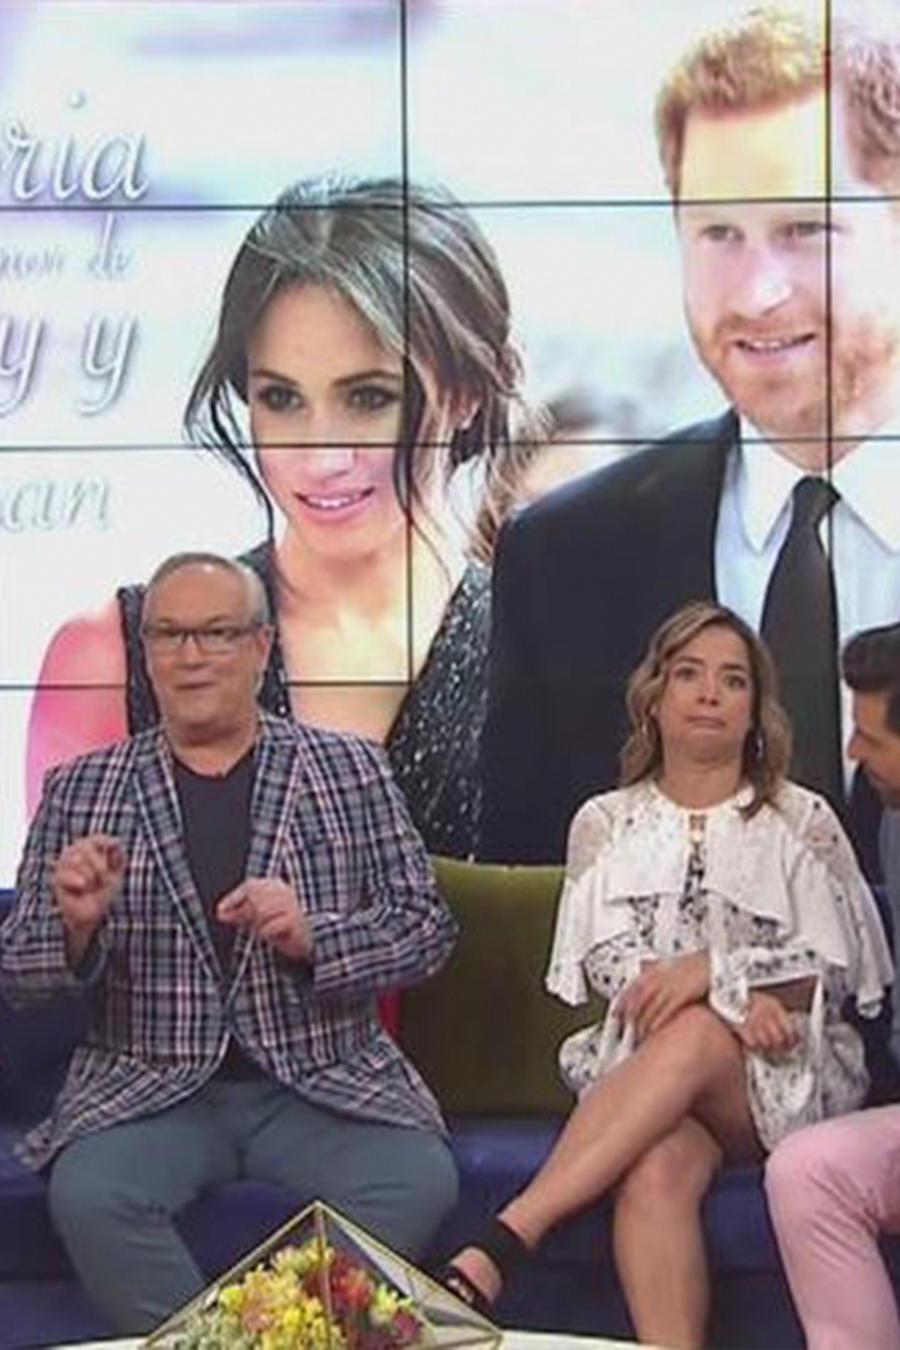 Mario Vannucci vaticinó que habrá escándalo y problemas en el futuro de Meghan y Harry